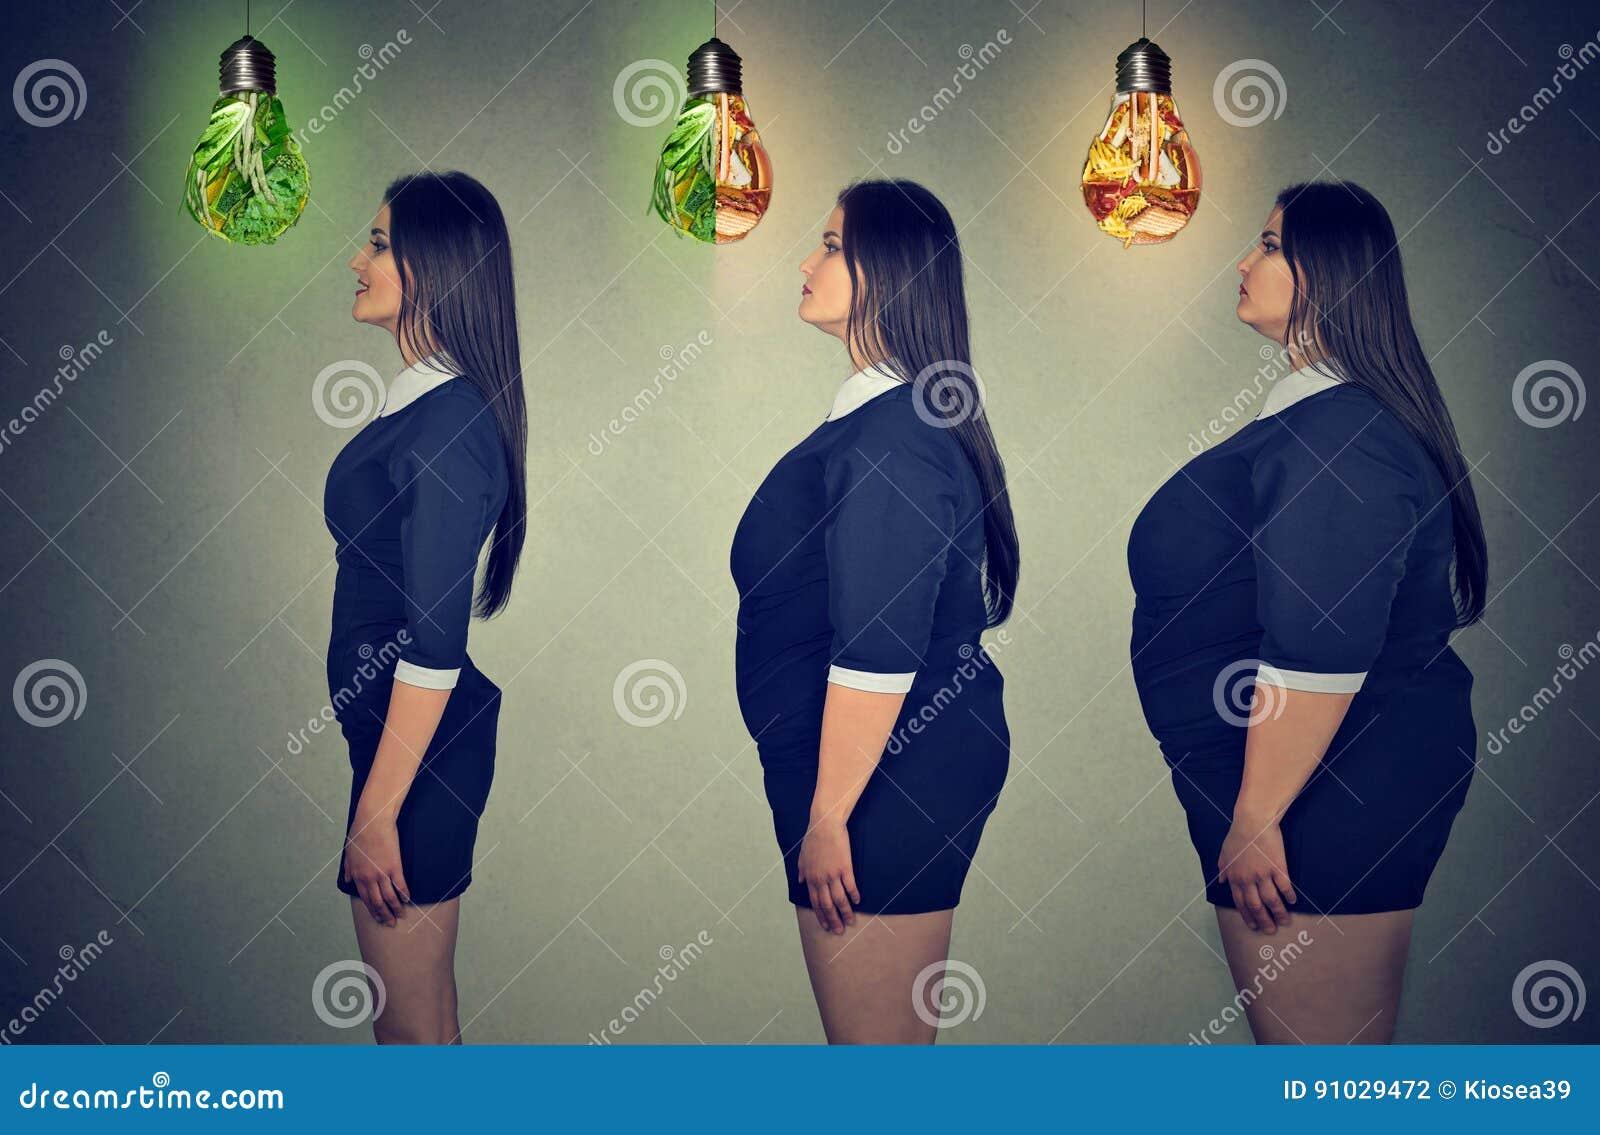 Corps du ` s de femme avant et après la perte de poids Concept de soins de santé et de régime